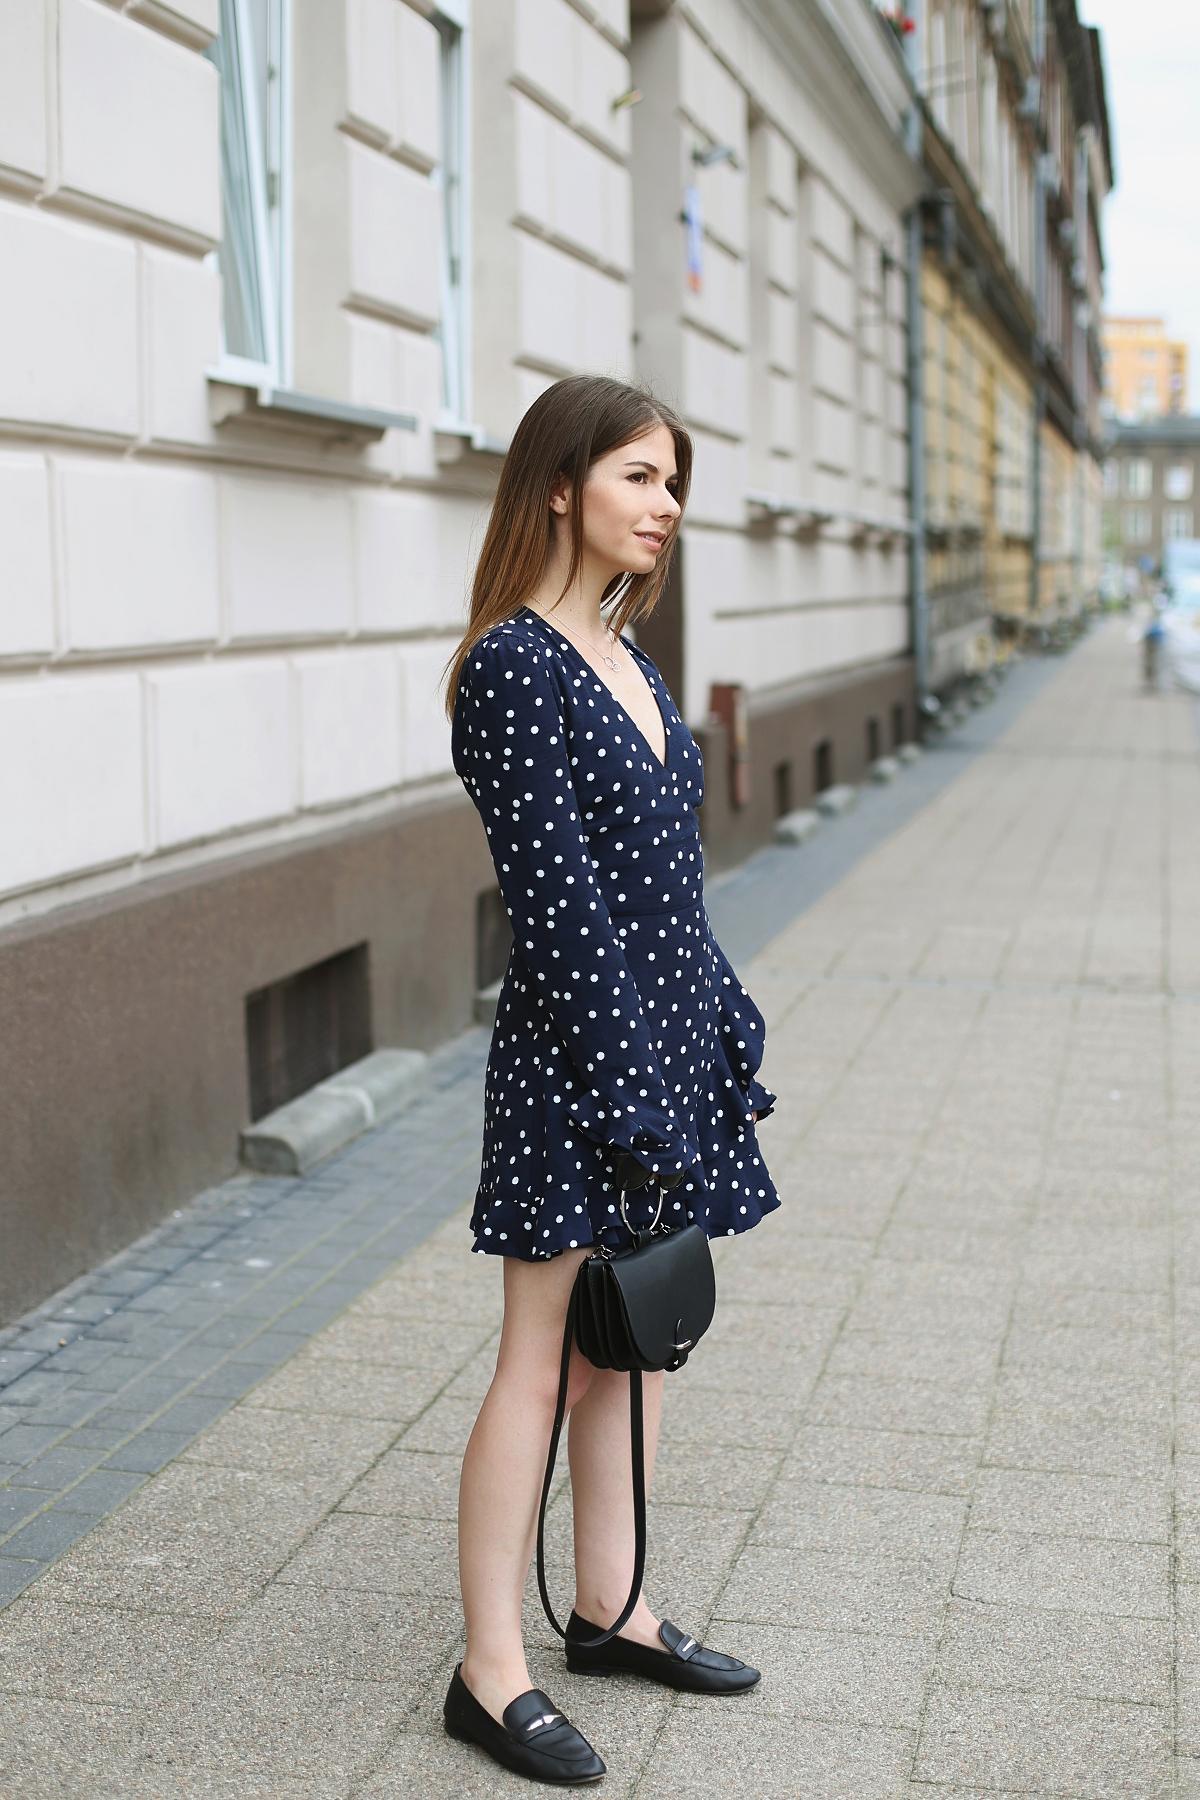 Włoski styl w modzie: kombinezon w grochy